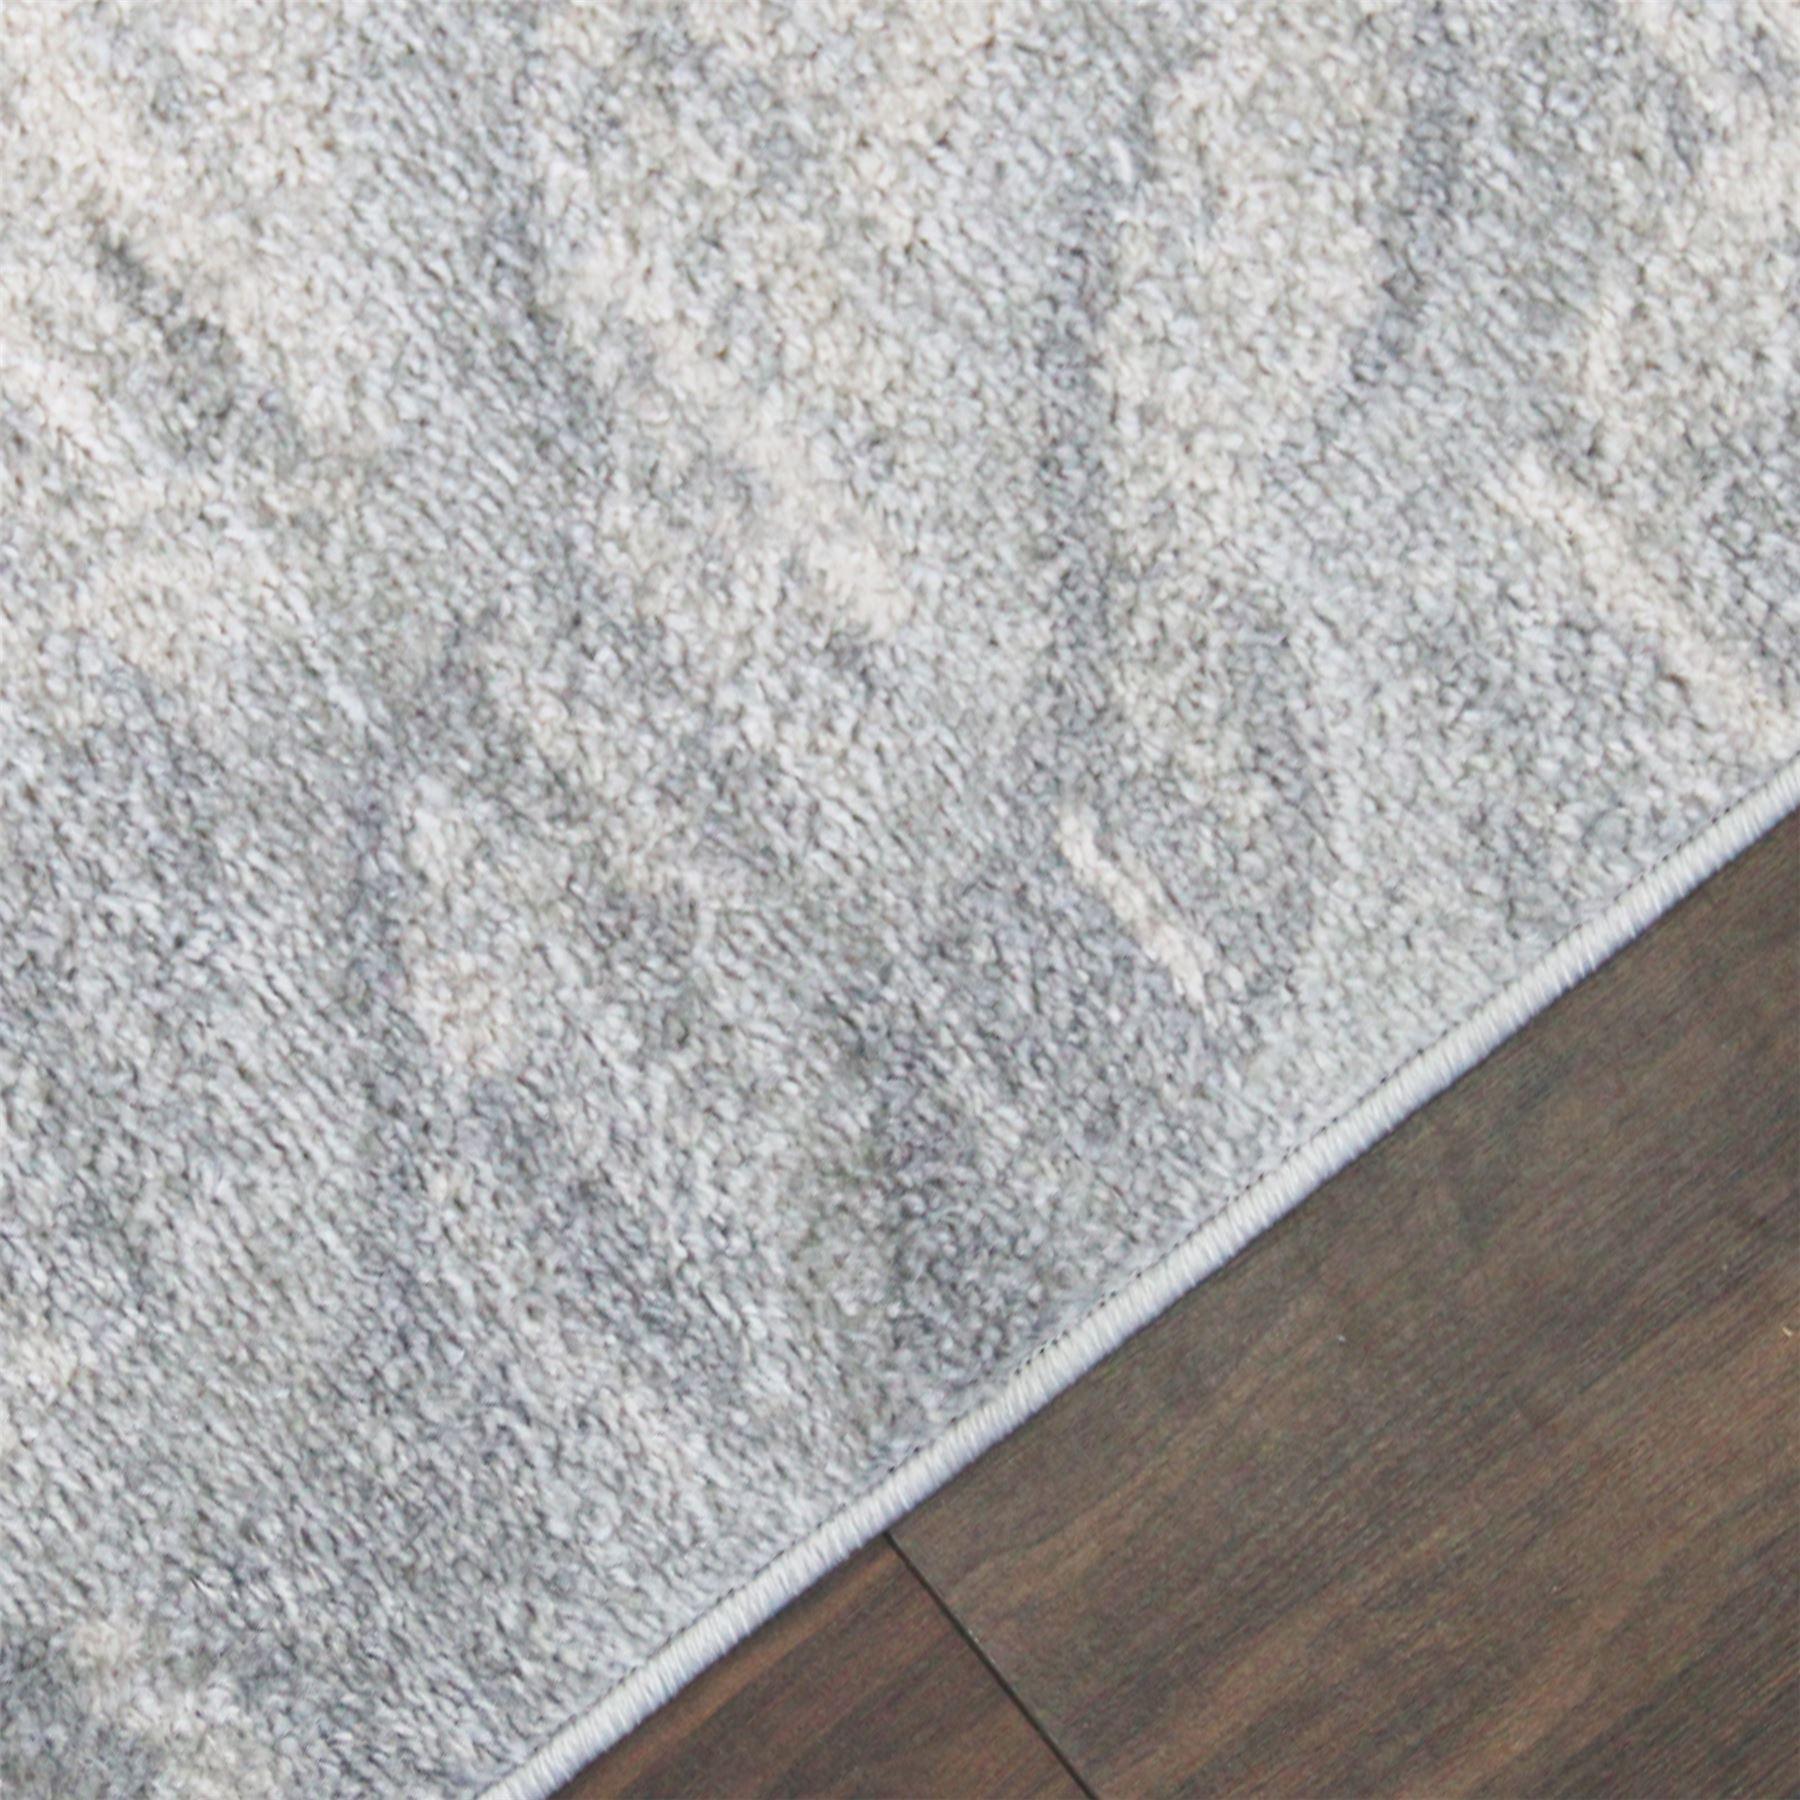 A2Z-grigio-grande-mix-di-moderni-tappeti-VINTAGE-dissolvenza-modelli-Design-Arredamento-Corridori miniatura 4